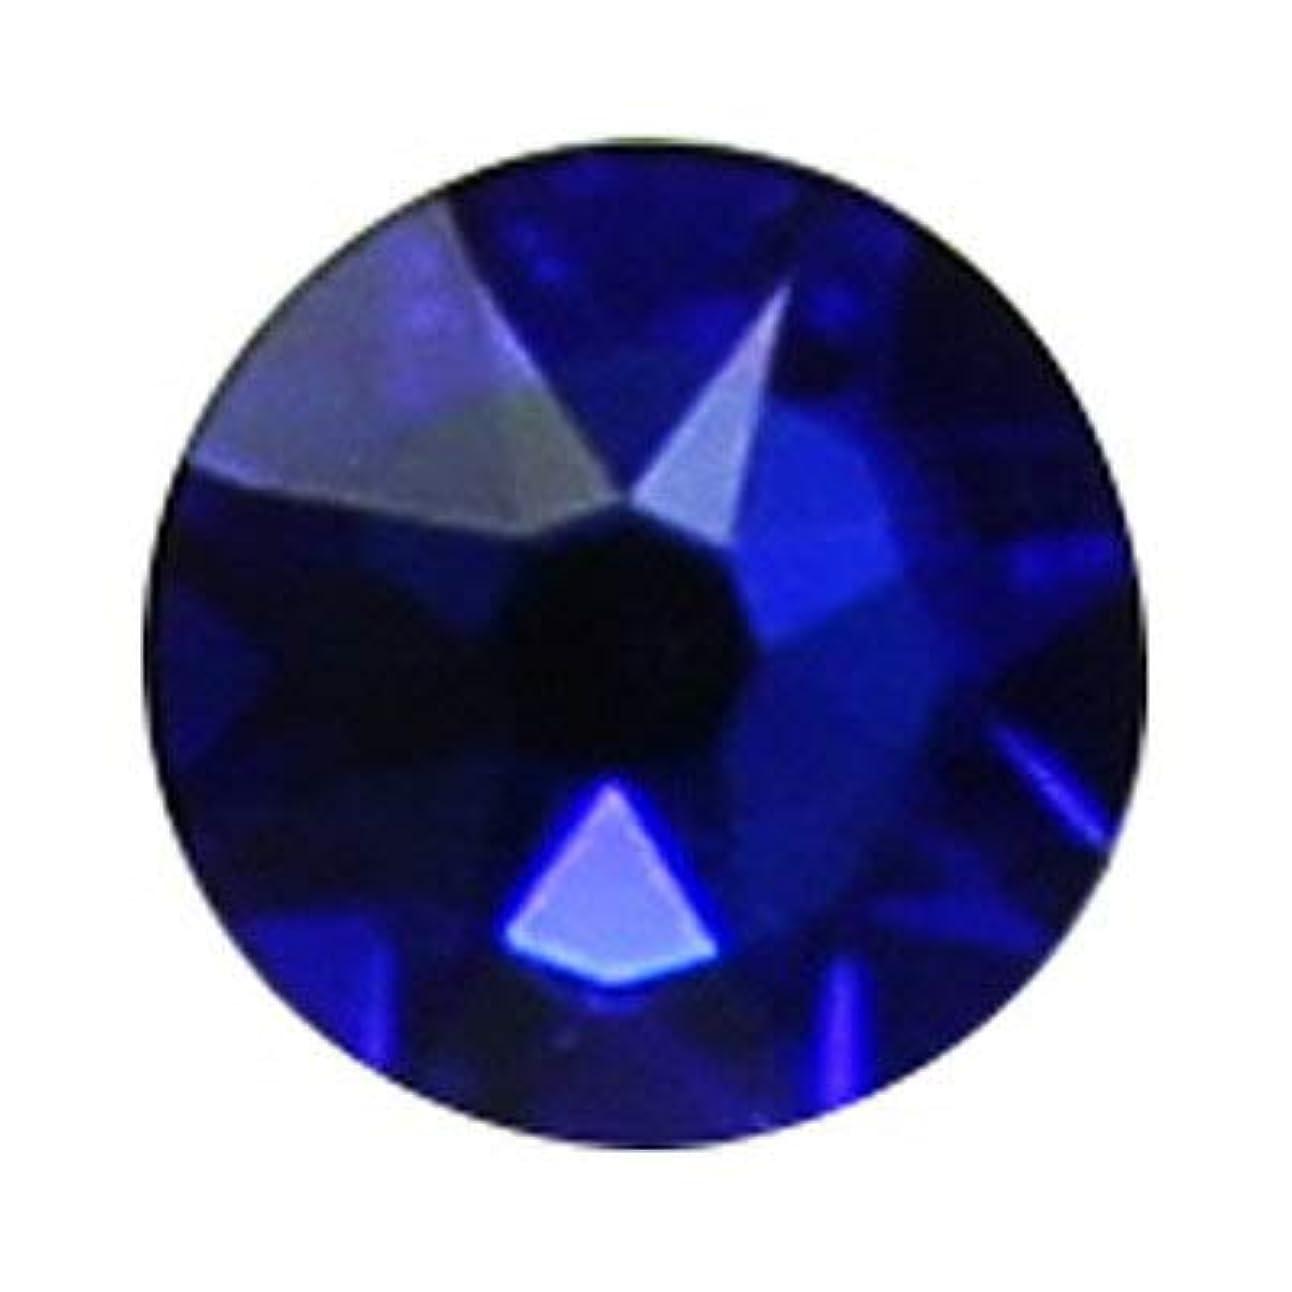 出口ビクターだらしないSWAROVSKI マジェスティック?ブルー ss9 #2058 72P